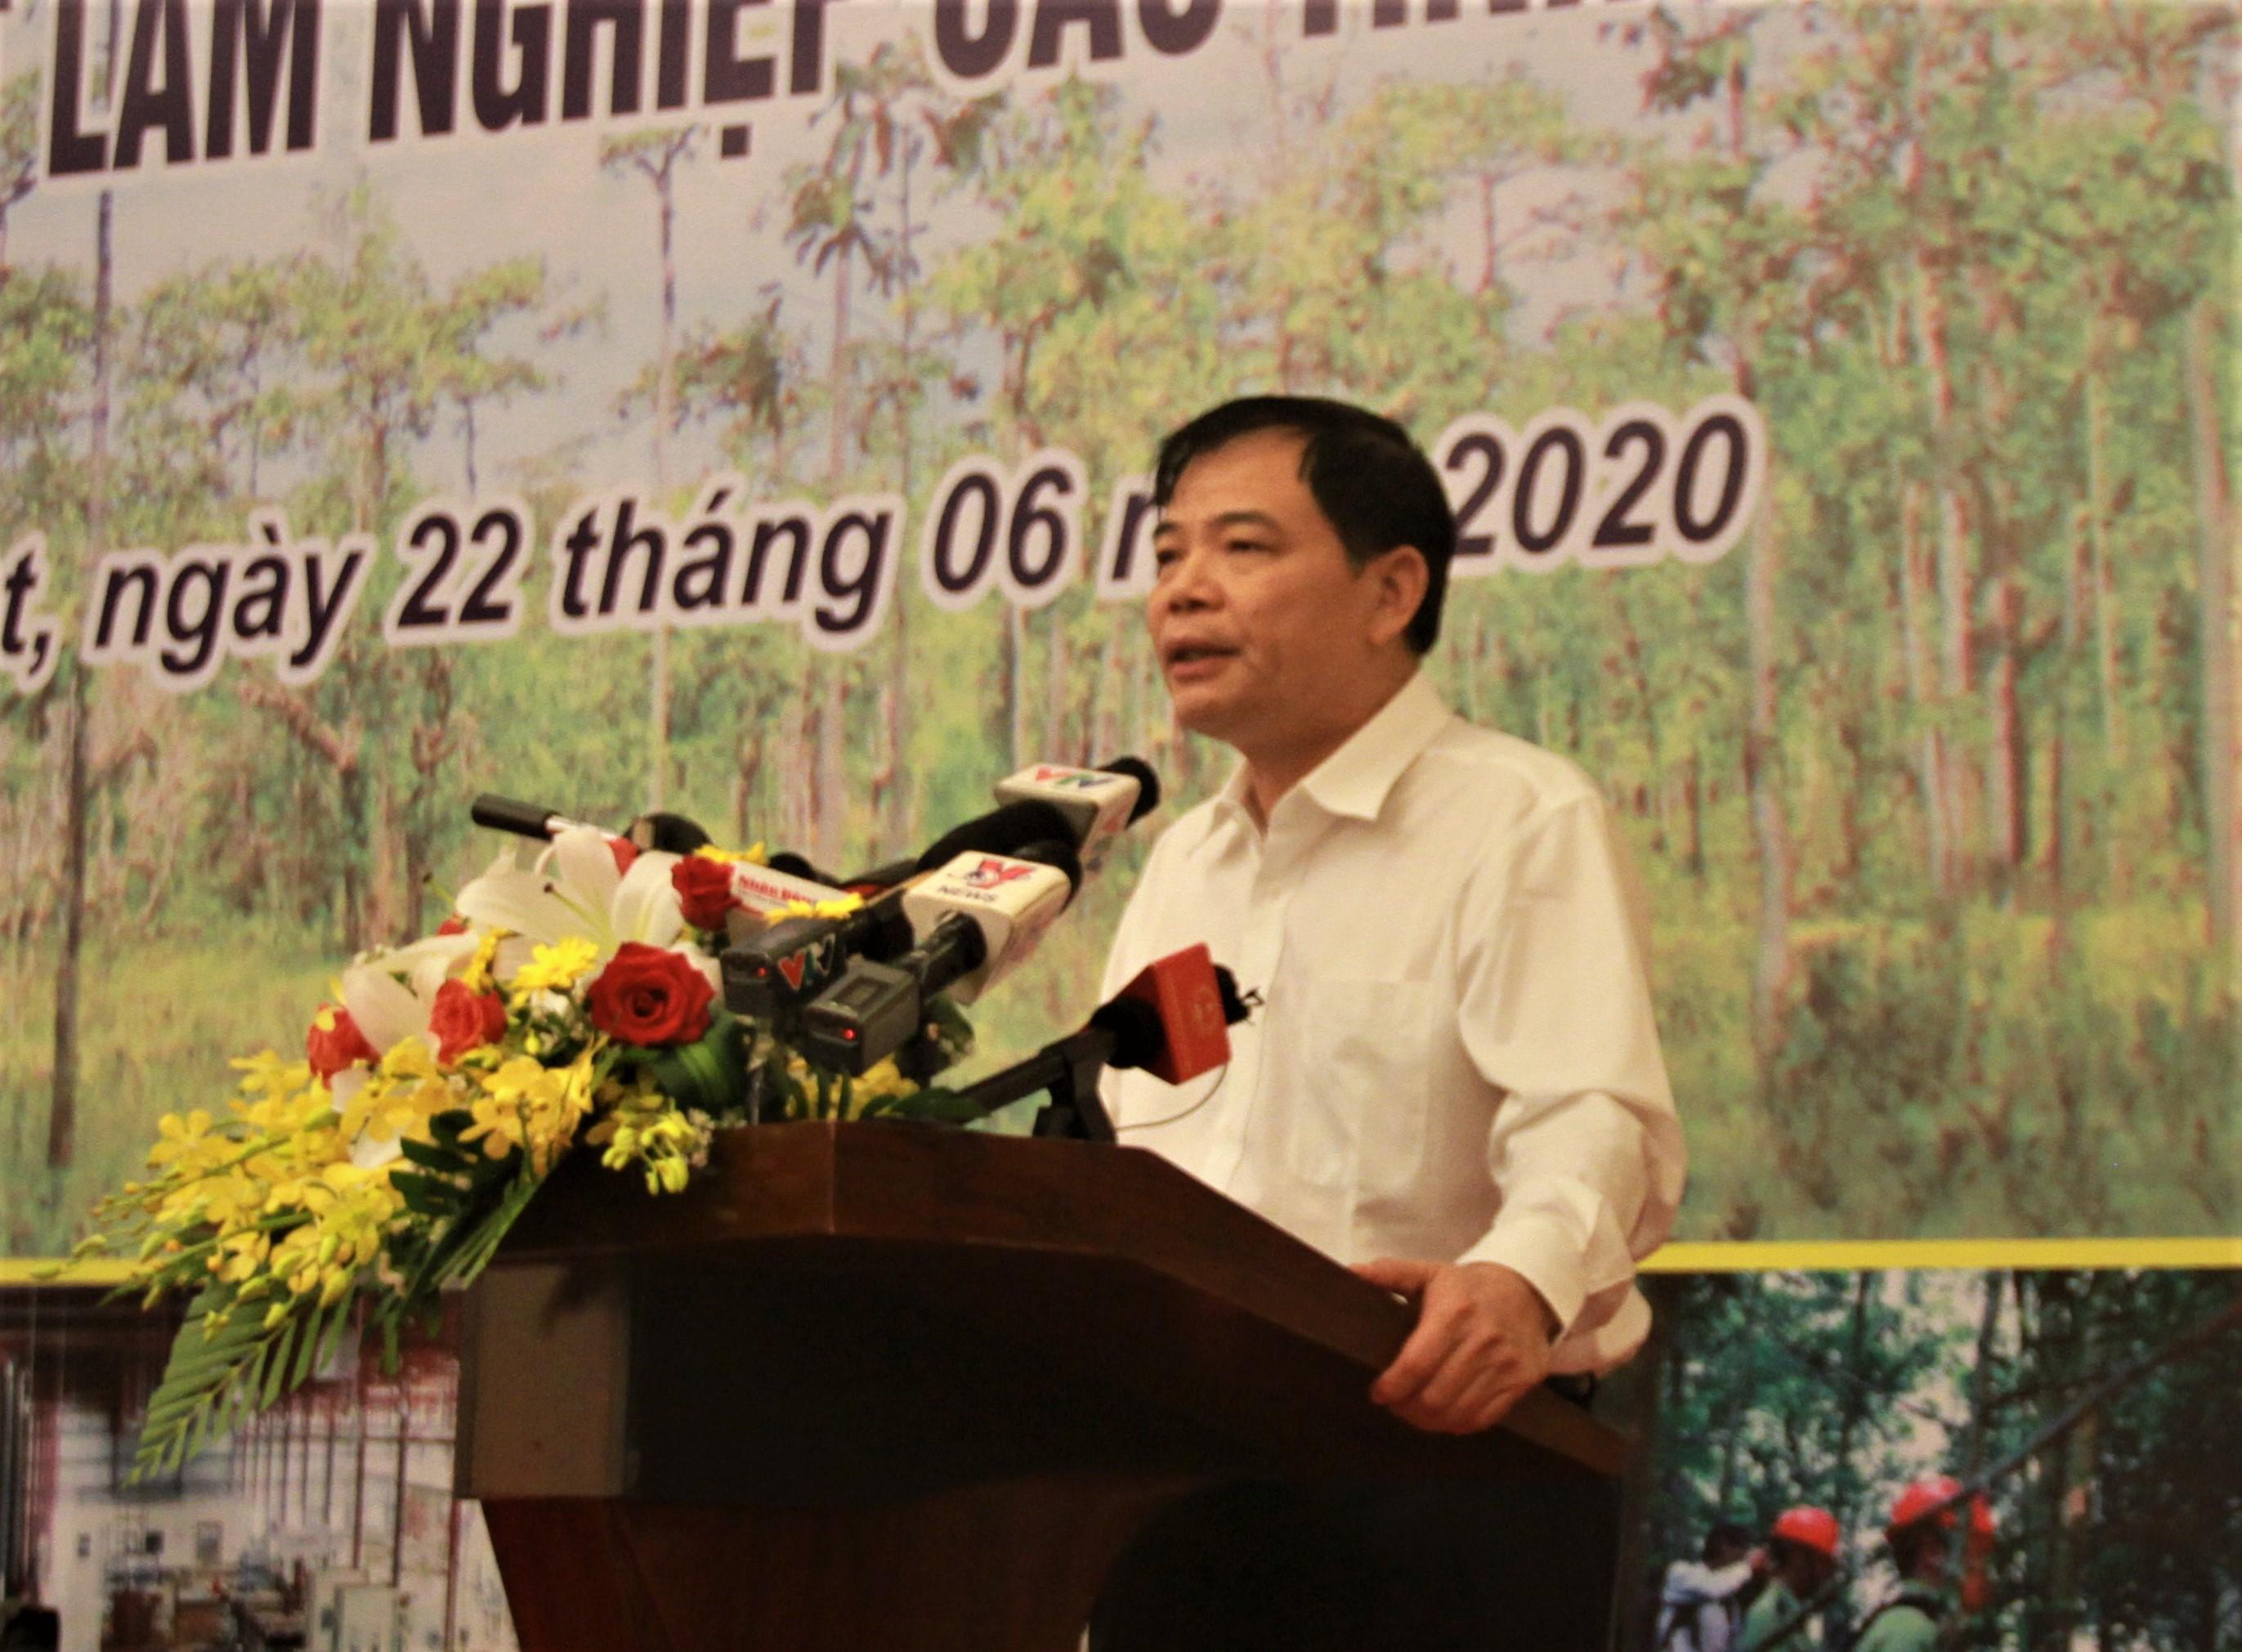 Phó trưởng Ban chỉ đạo, Bộ trưởng Bộ Nông nghiệp và Phát triển nông thôn Nguyễn Xuân Cường phát biểu kết luận Hội nghị